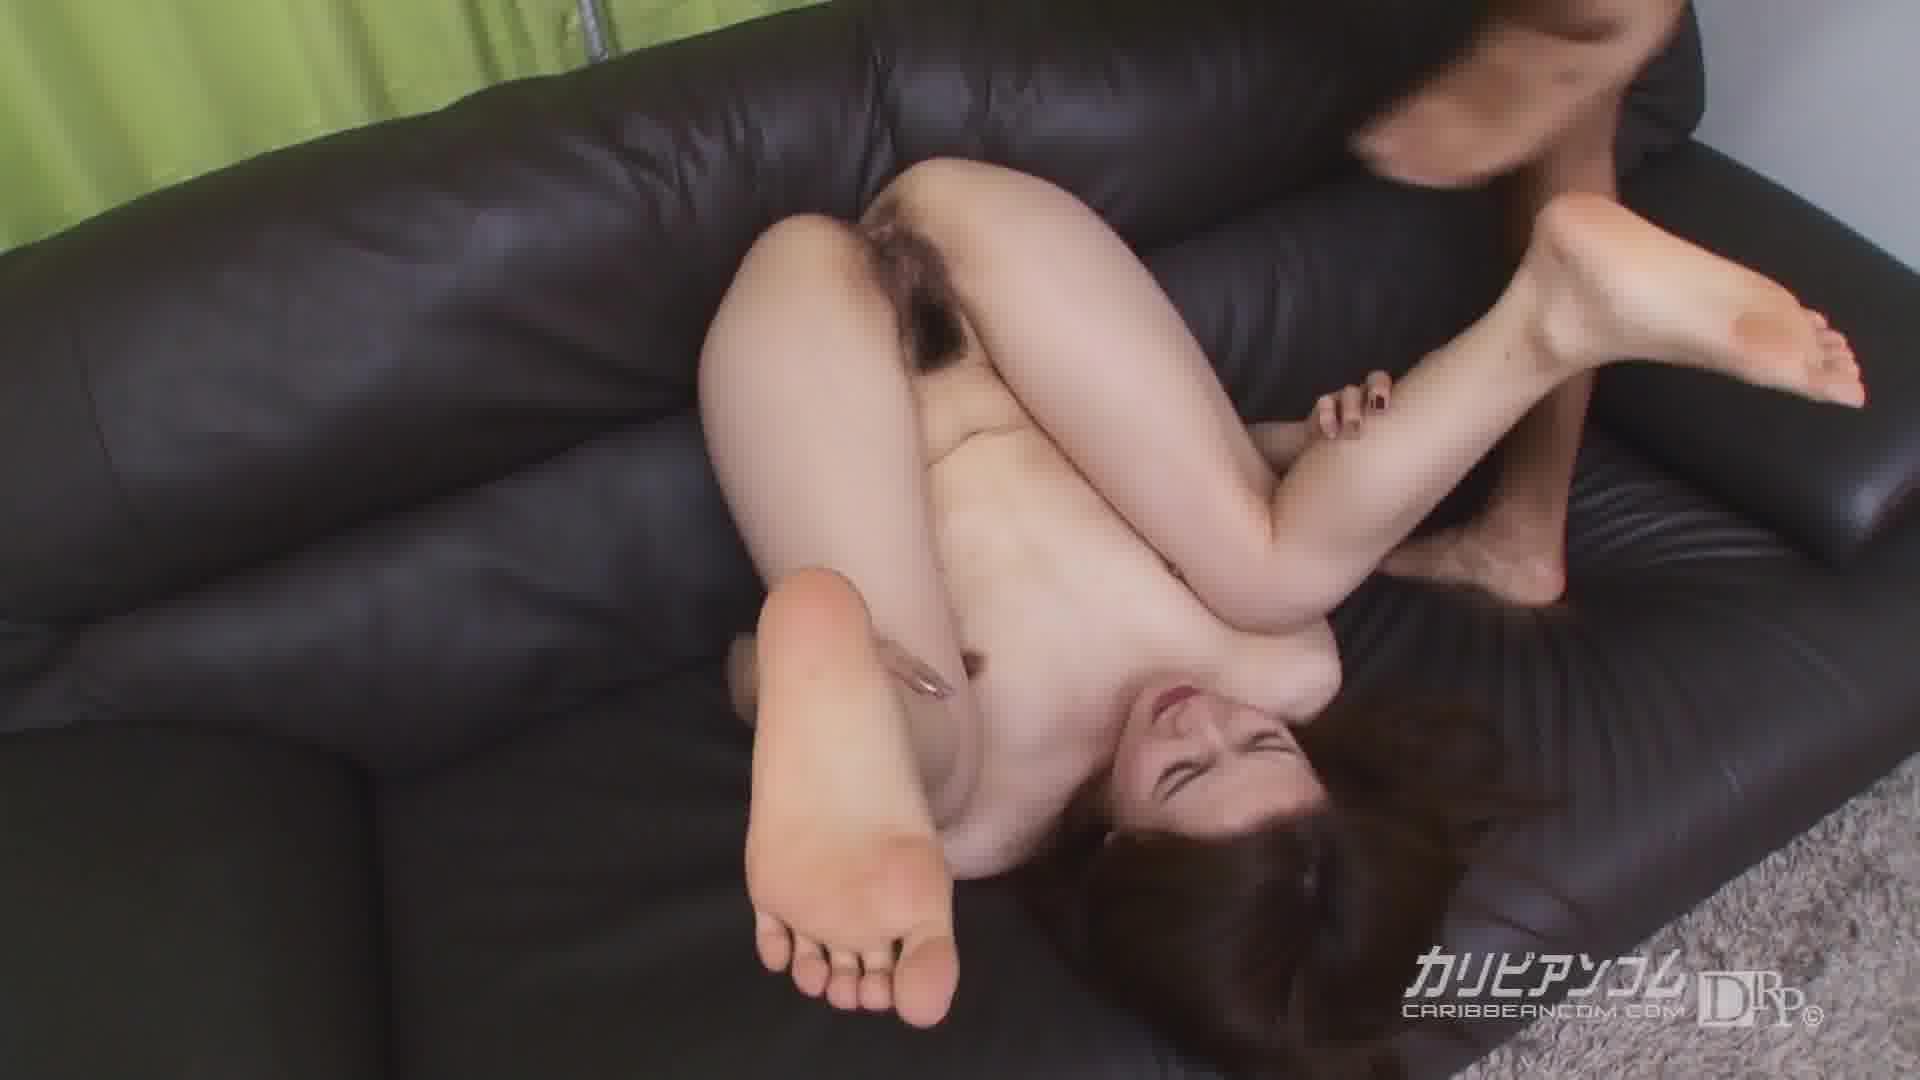 恍惚 ~激しく求め合う濃厚なセックス~ - 葉山瞳【美乳・スレンダー・中出し】